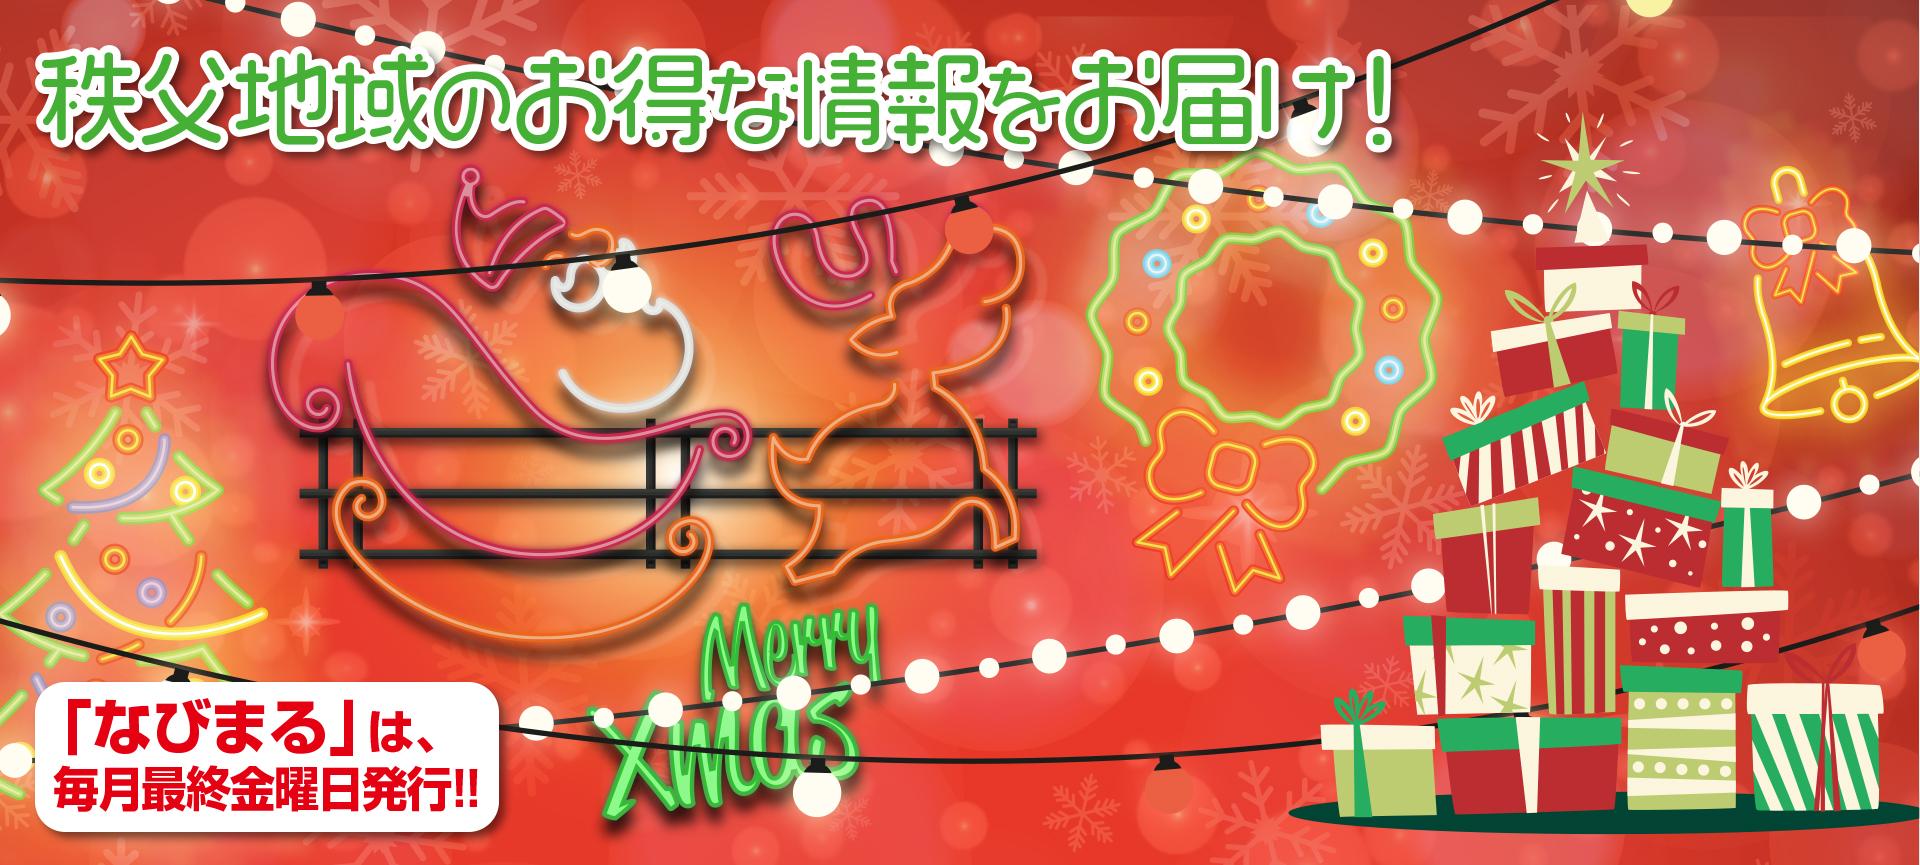 秩父のお店紹介&タウン情報 なびまる.com:メインイメージ